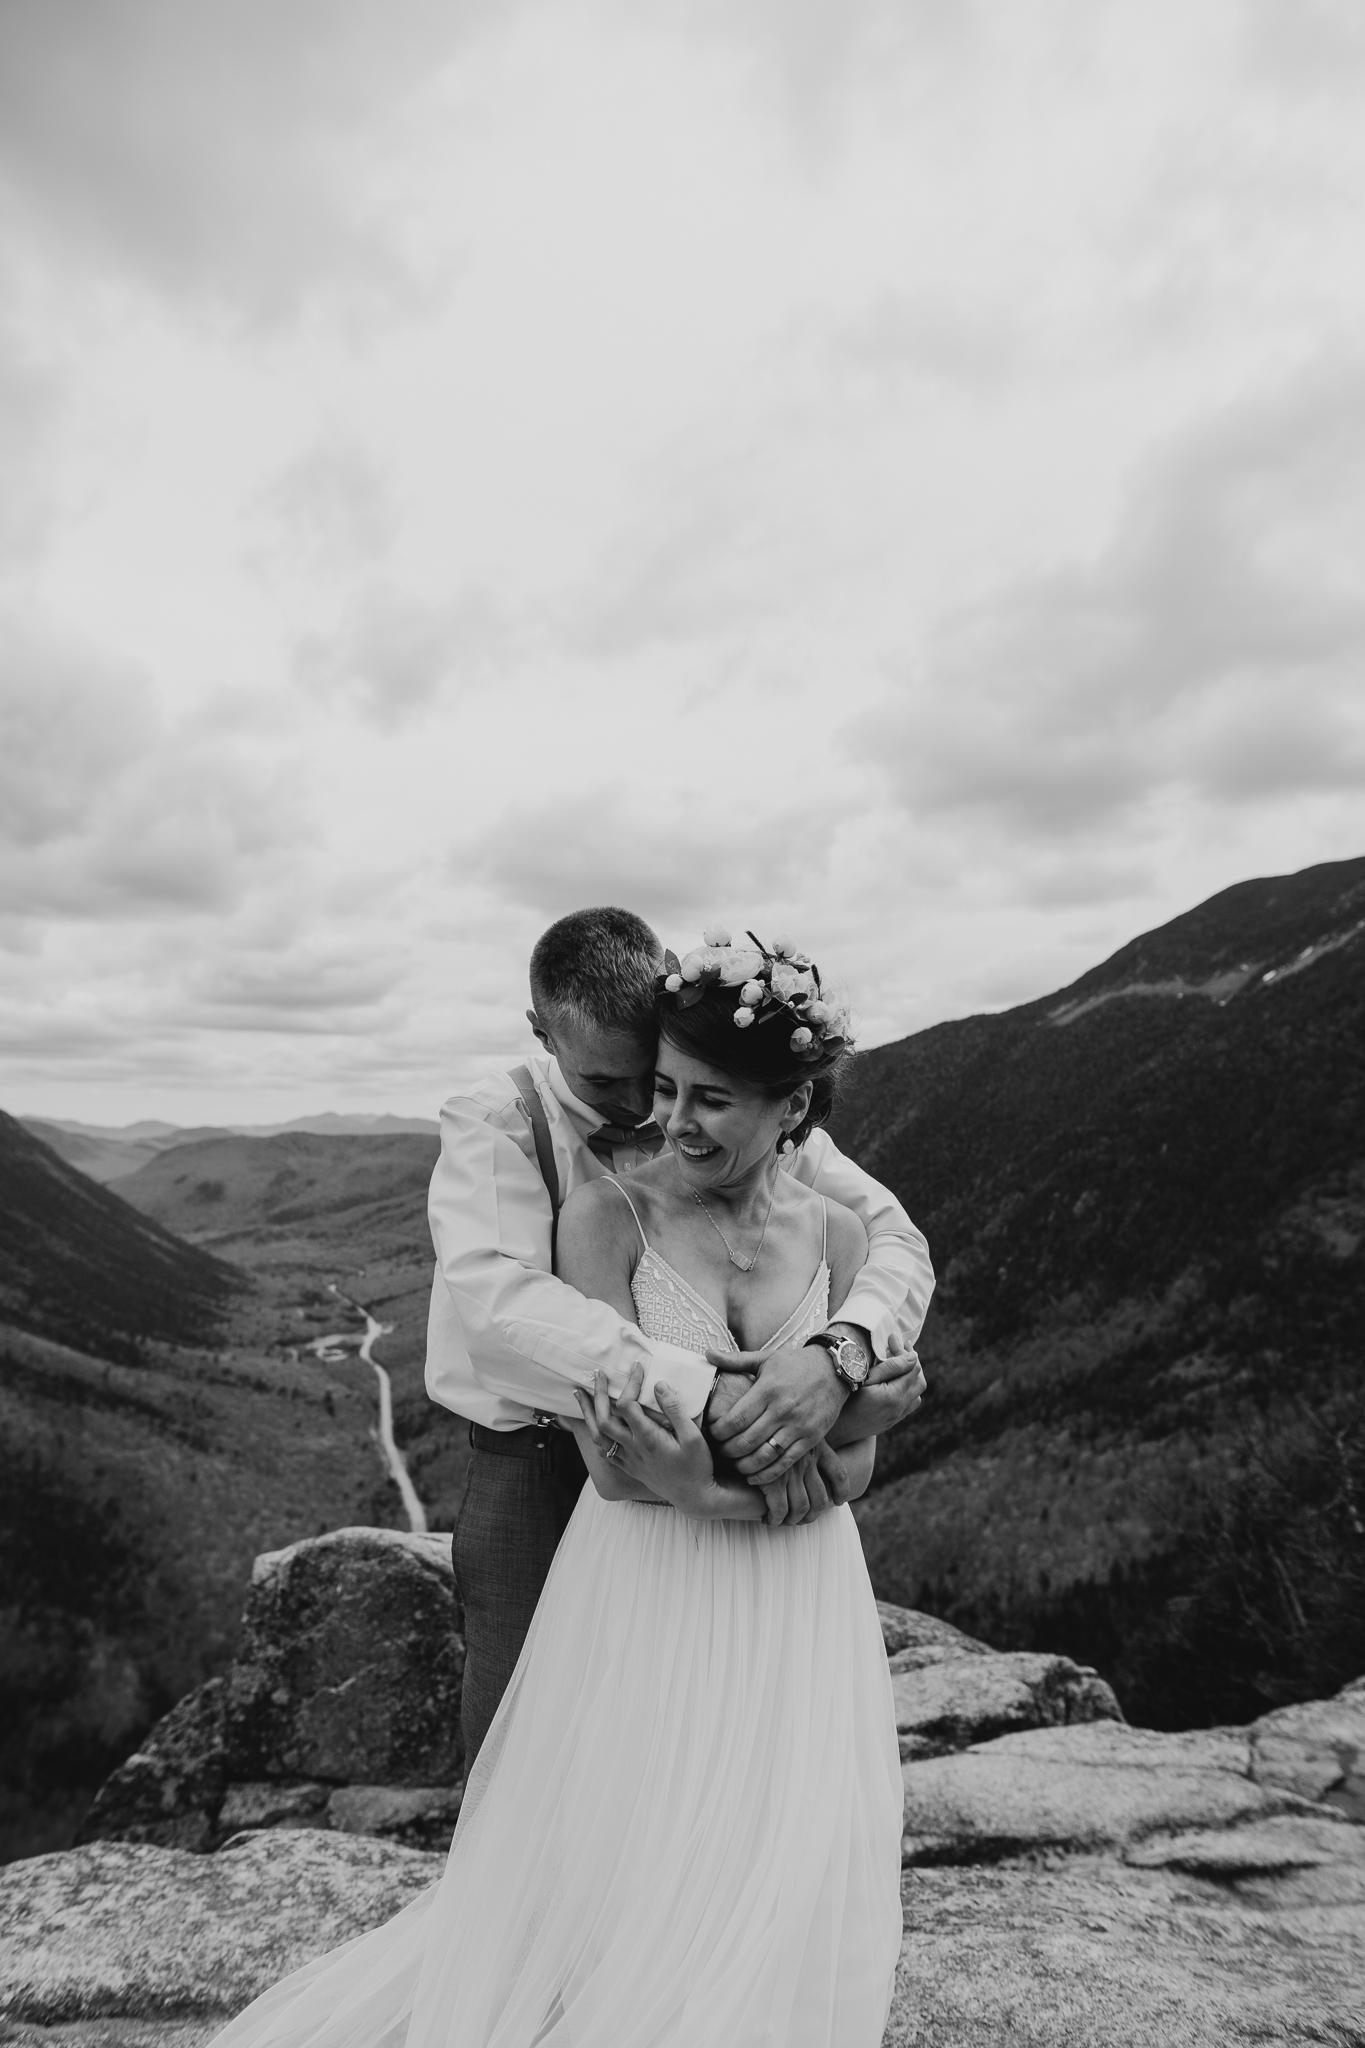 LarueElopementerinwheatco-4117 Mount Willard Elopement | Calib & Scotlyn